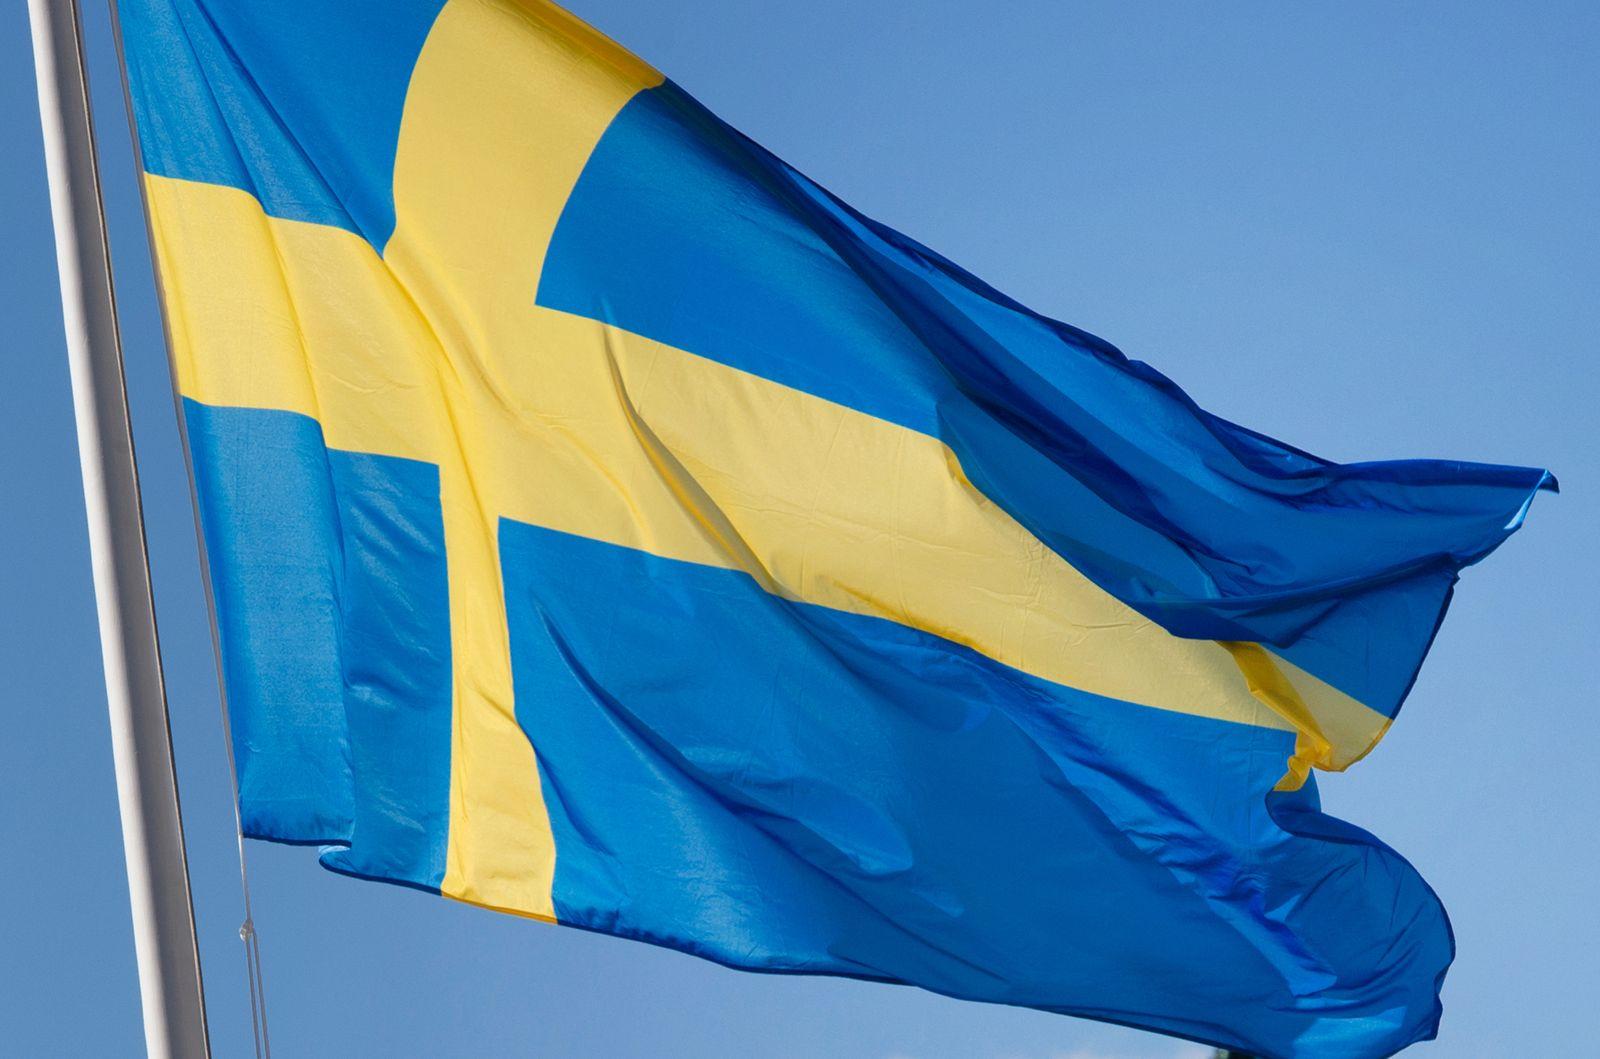 Schwedenflagge Gleichberechtigung